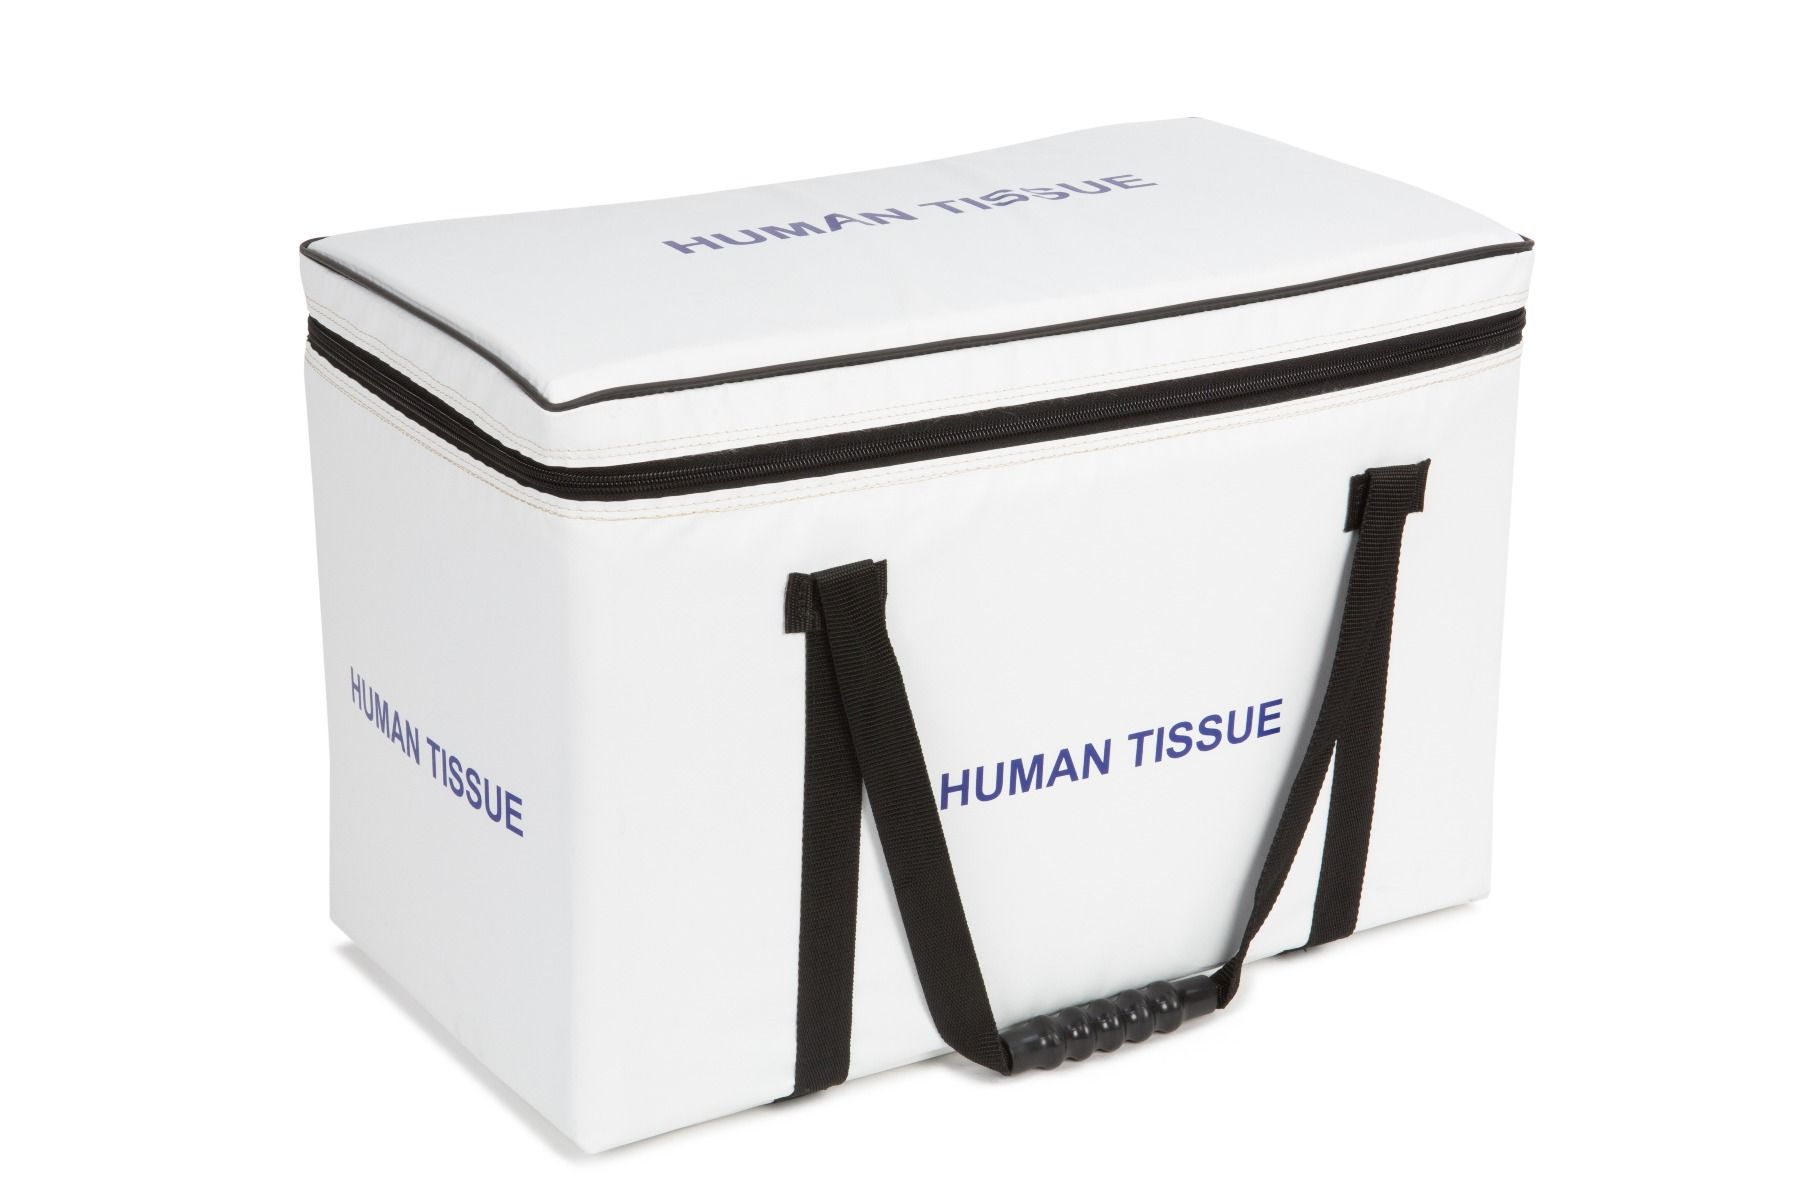 Large Transport Medical Carrier - Human Tissue